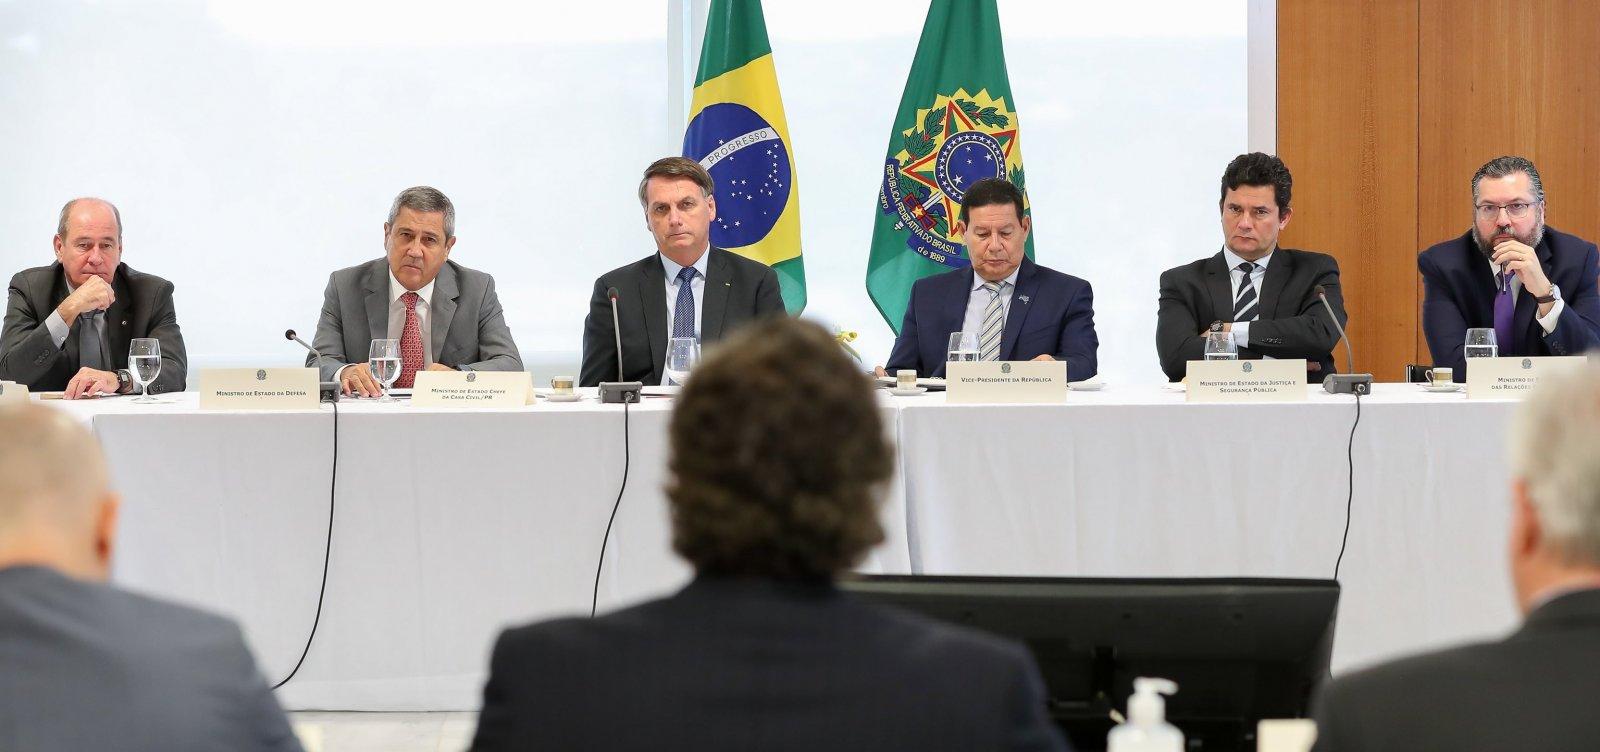 [Bolsonaro tenta criar base após derrotas no Congresso e abre negociação com centrão]